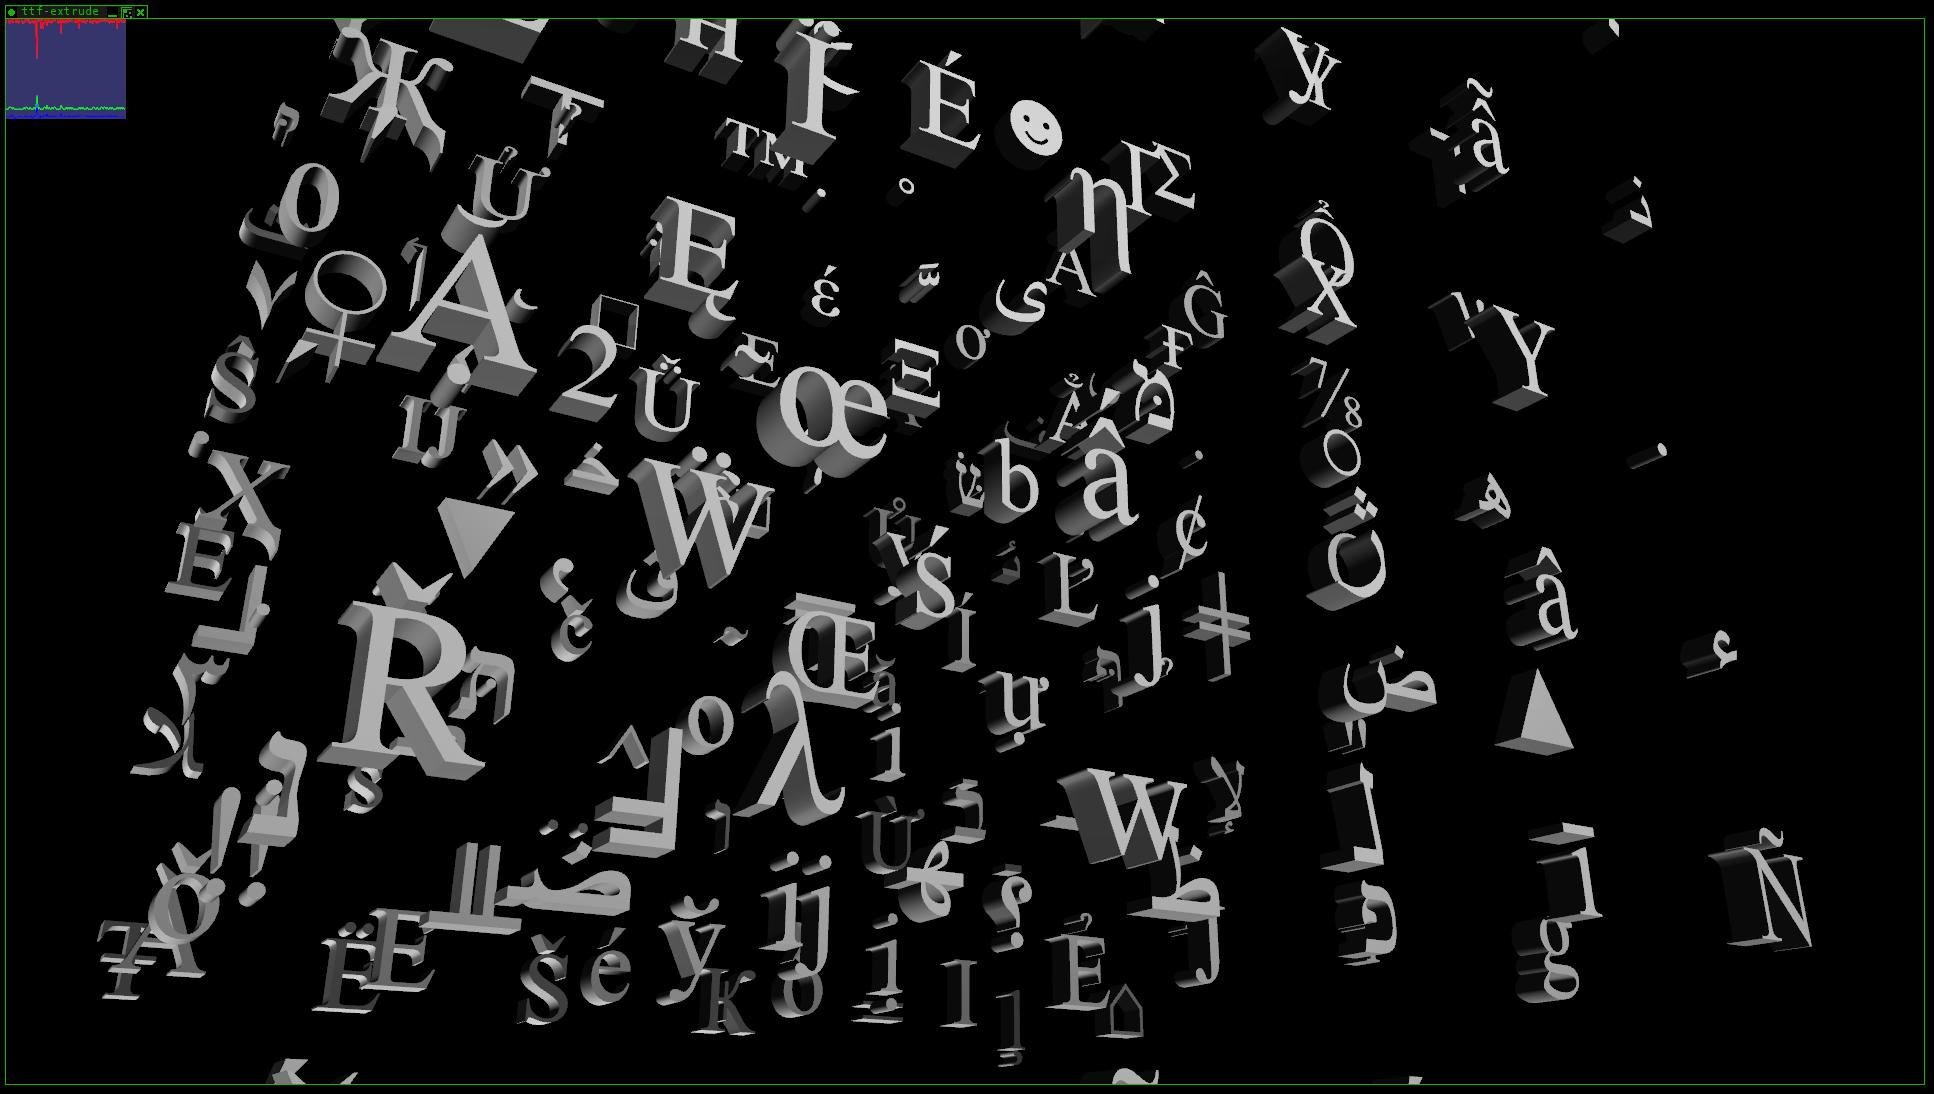 2014-09-01T00:08:47Z ccl-logbot joined #lisp 2014-09-01T00